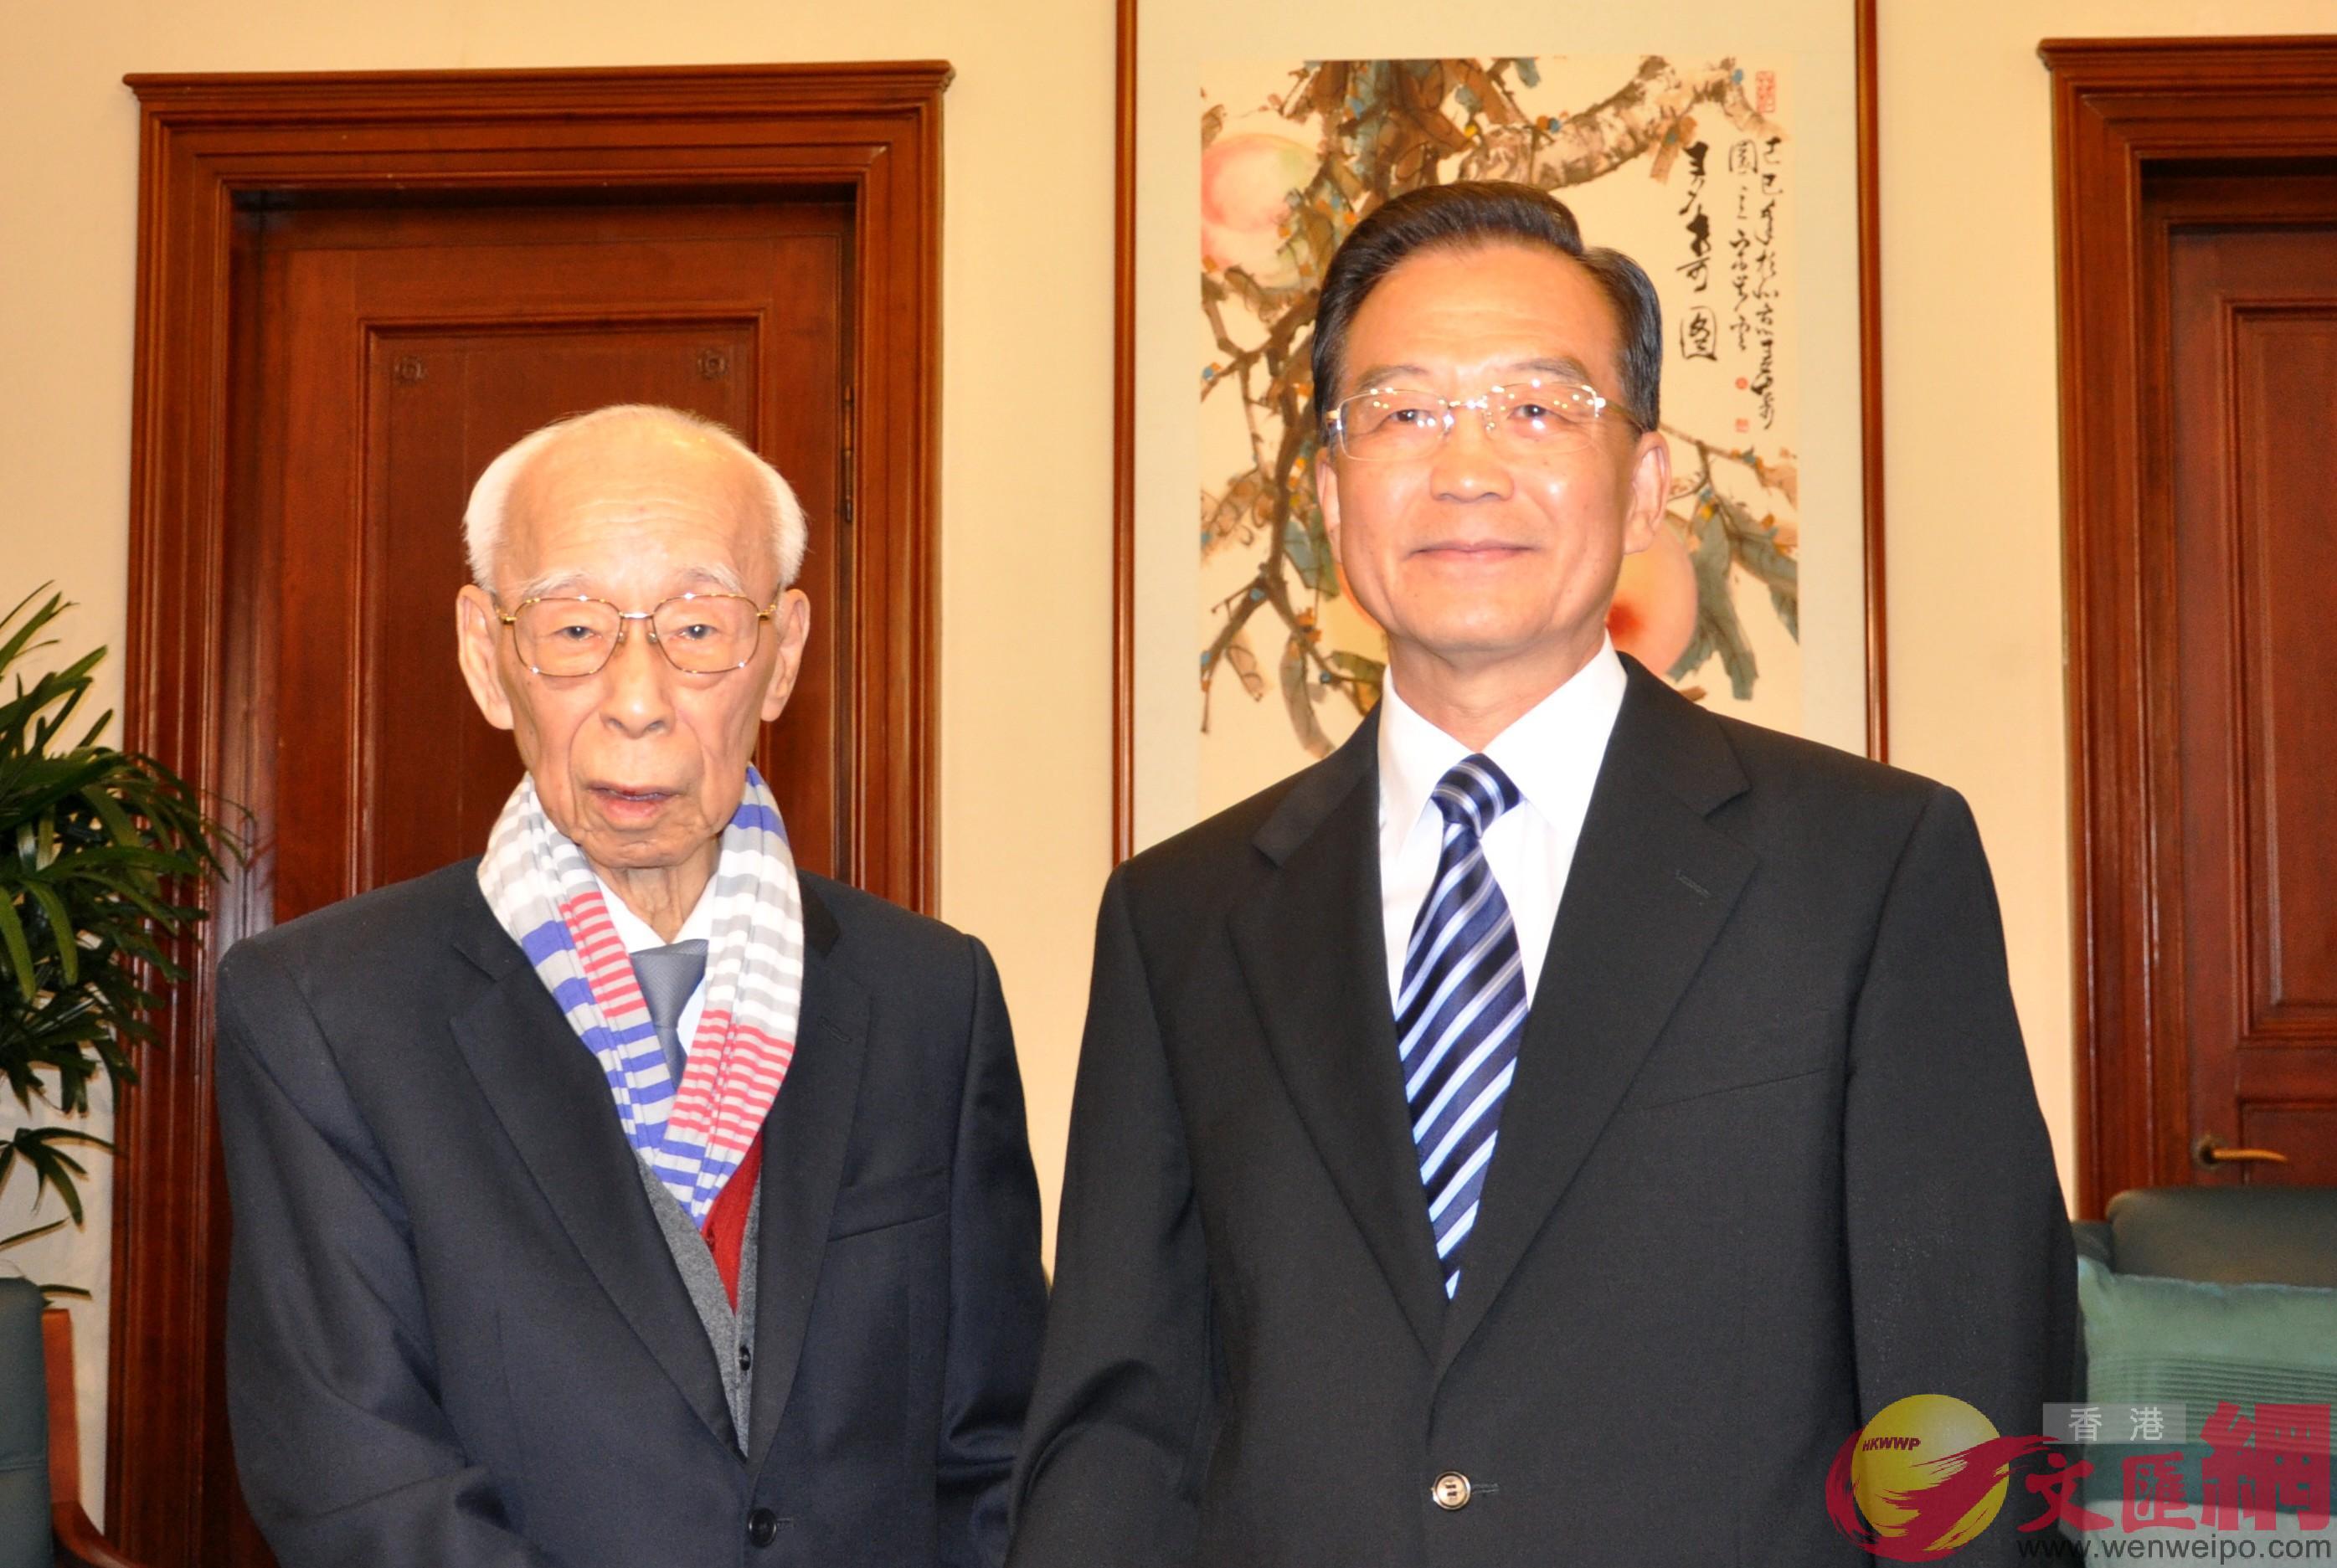 2010年8月6日,時任國務院總理的溫家寶在北京中央文史研究館會見來自香港的館員、著名學者饒宗頤先生(文匯報)